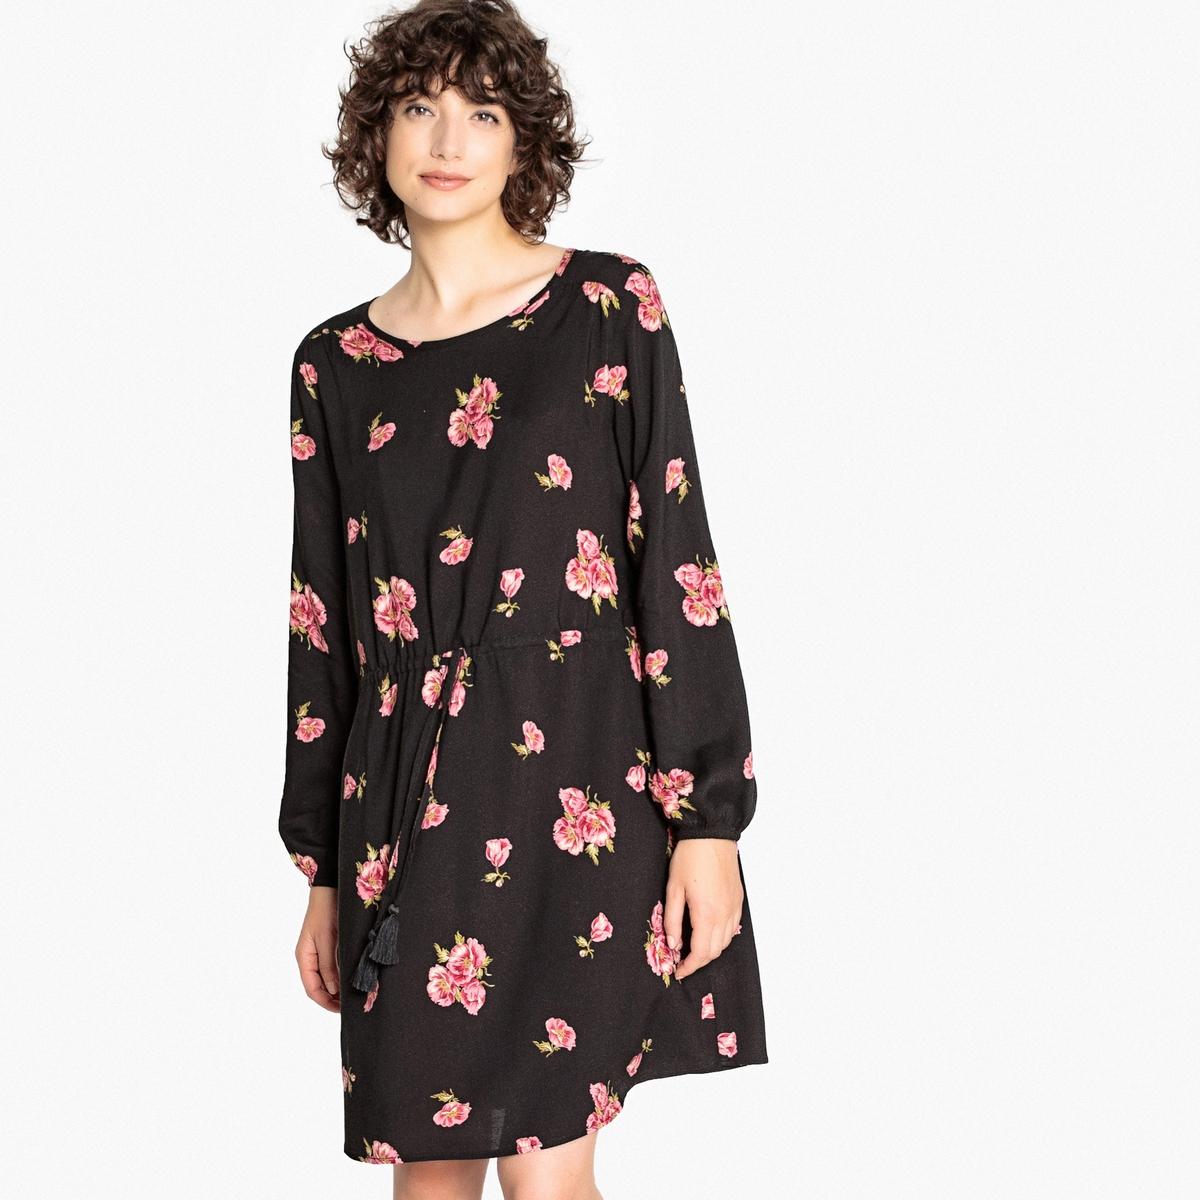 Платье расклешенное  цветочным принтом, длинные рукава